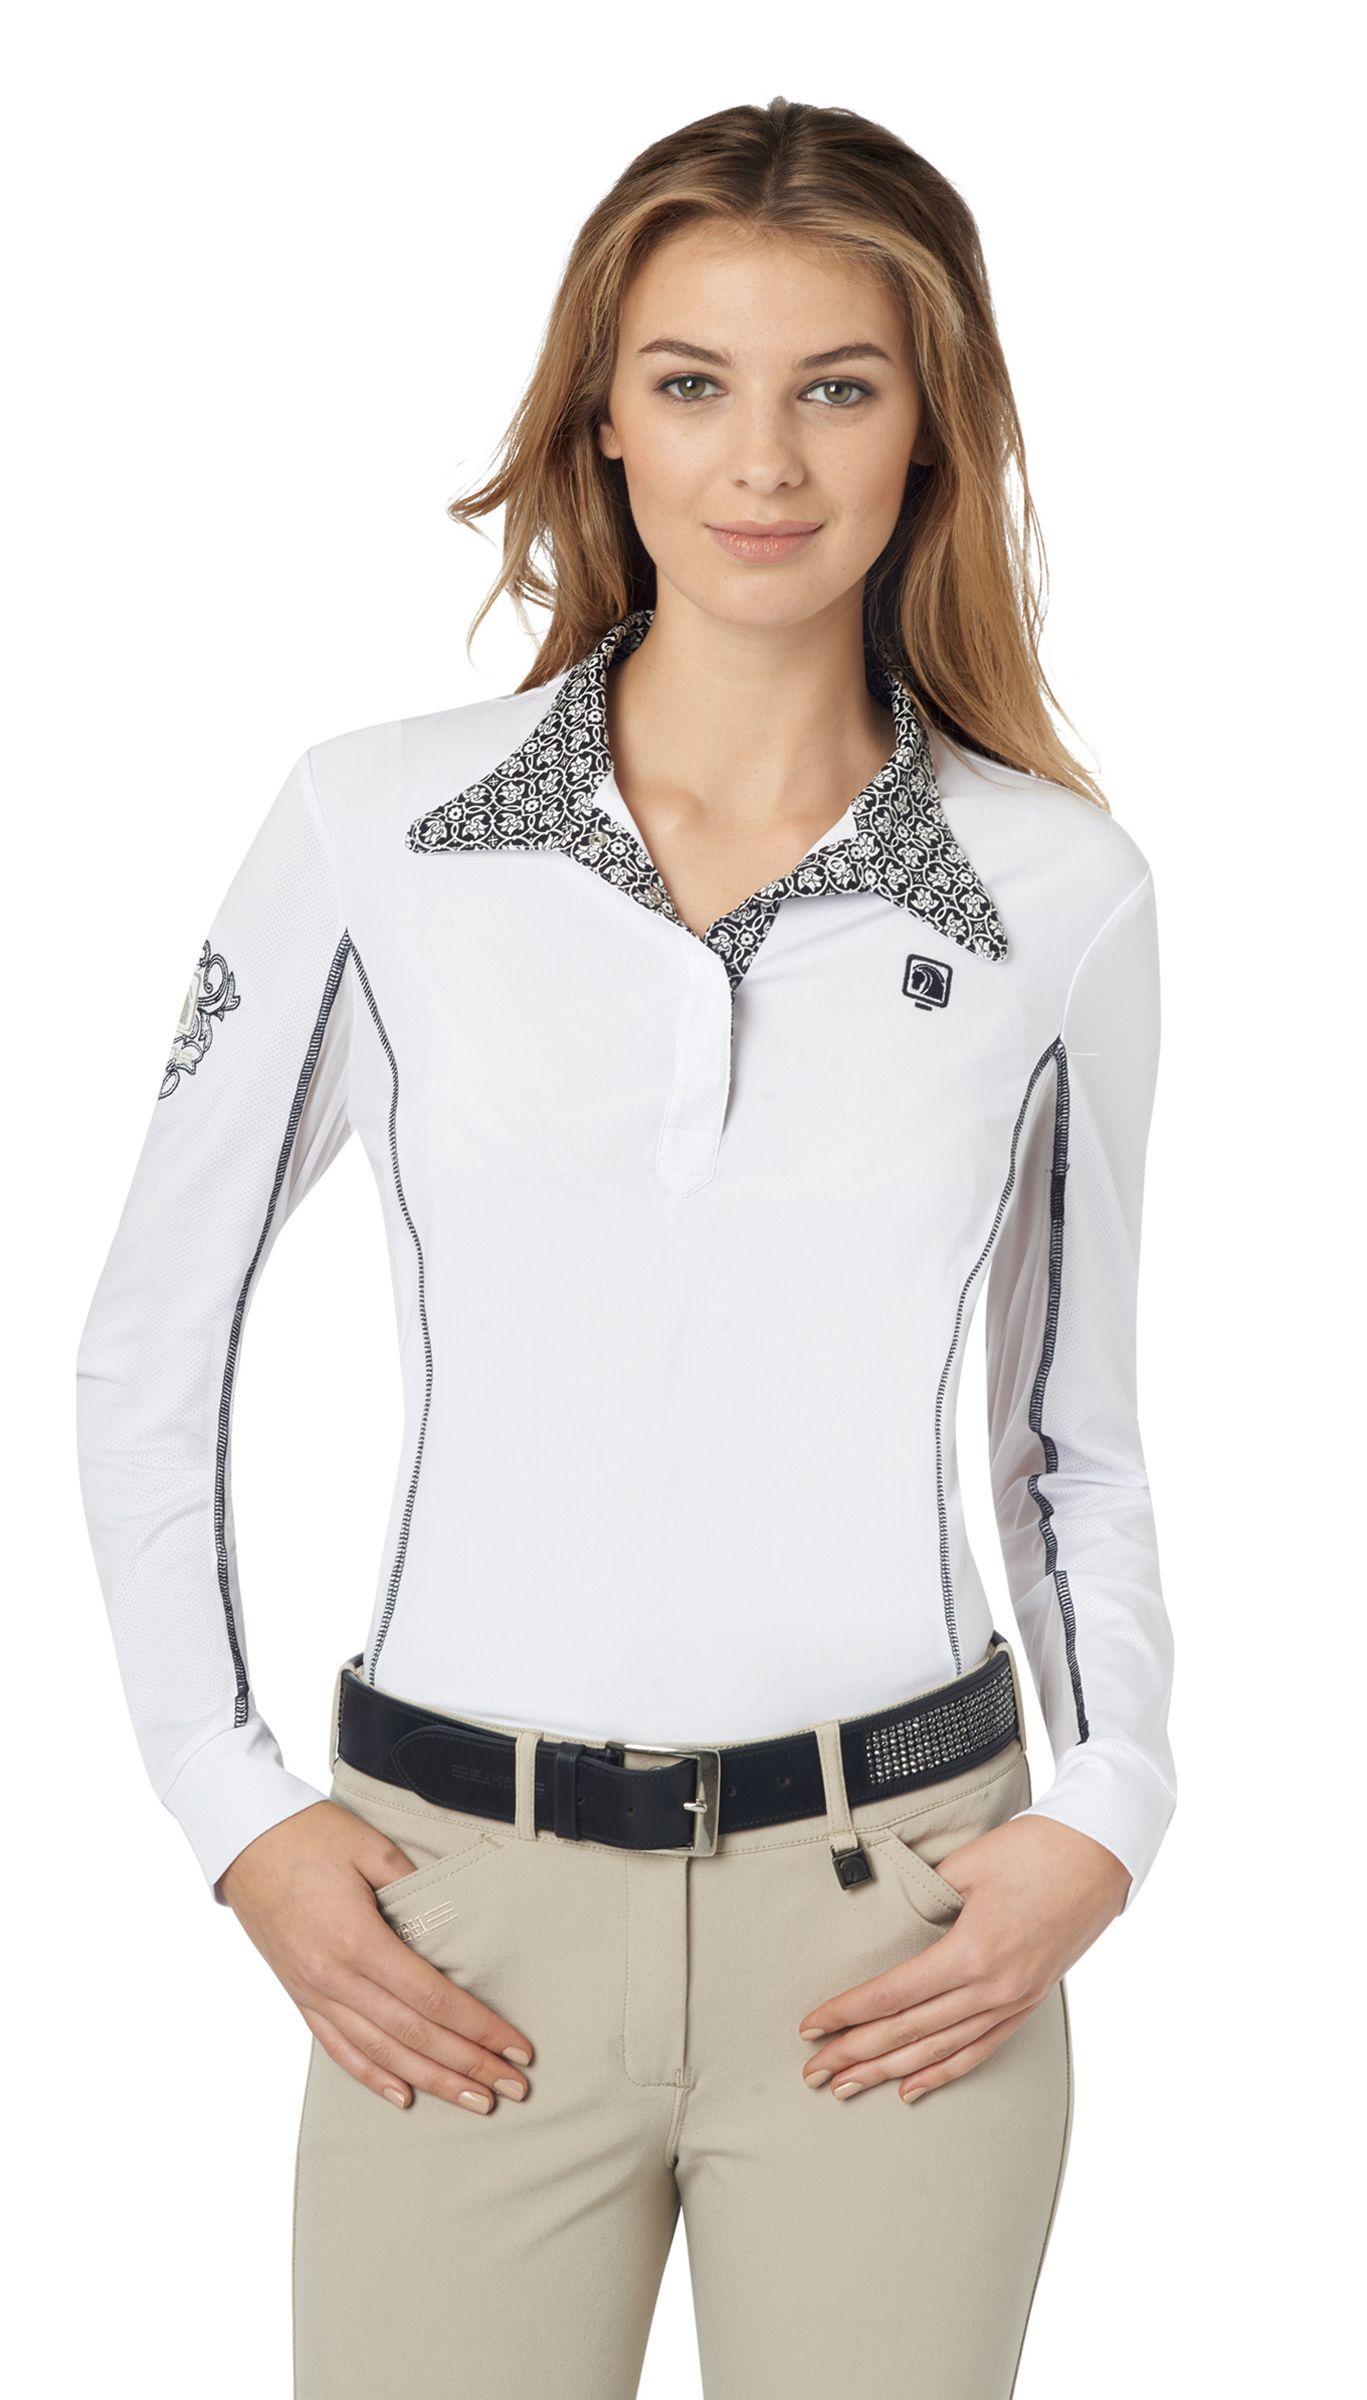 Romfh Ladies' Competitor Signature Show Shirt